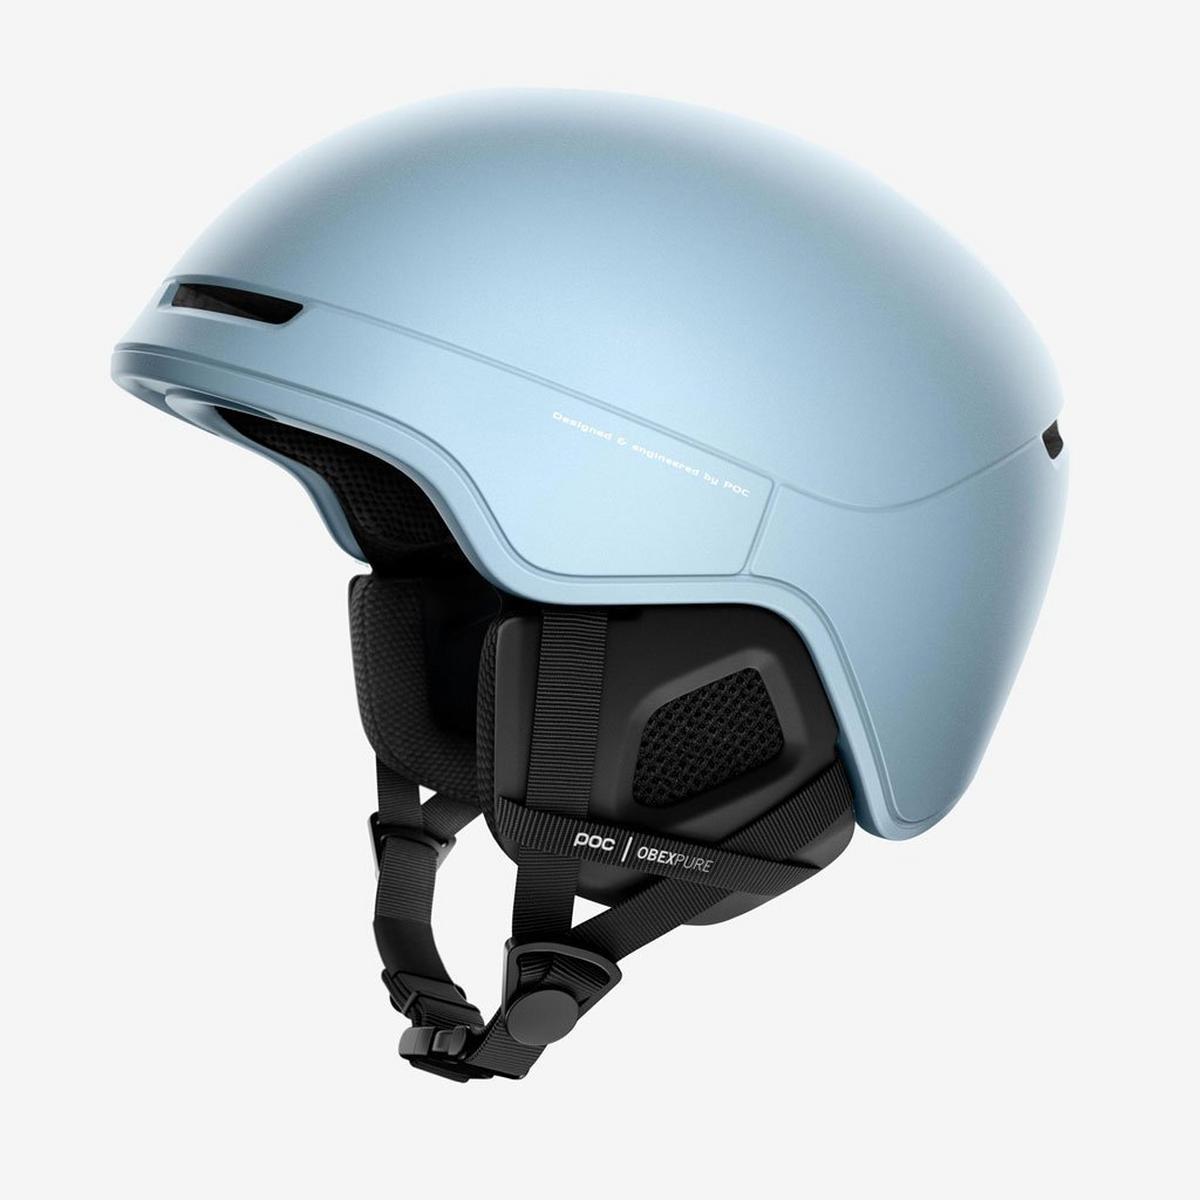 Poc Ski Helmet Obex Pure Dark Kyanite Blue